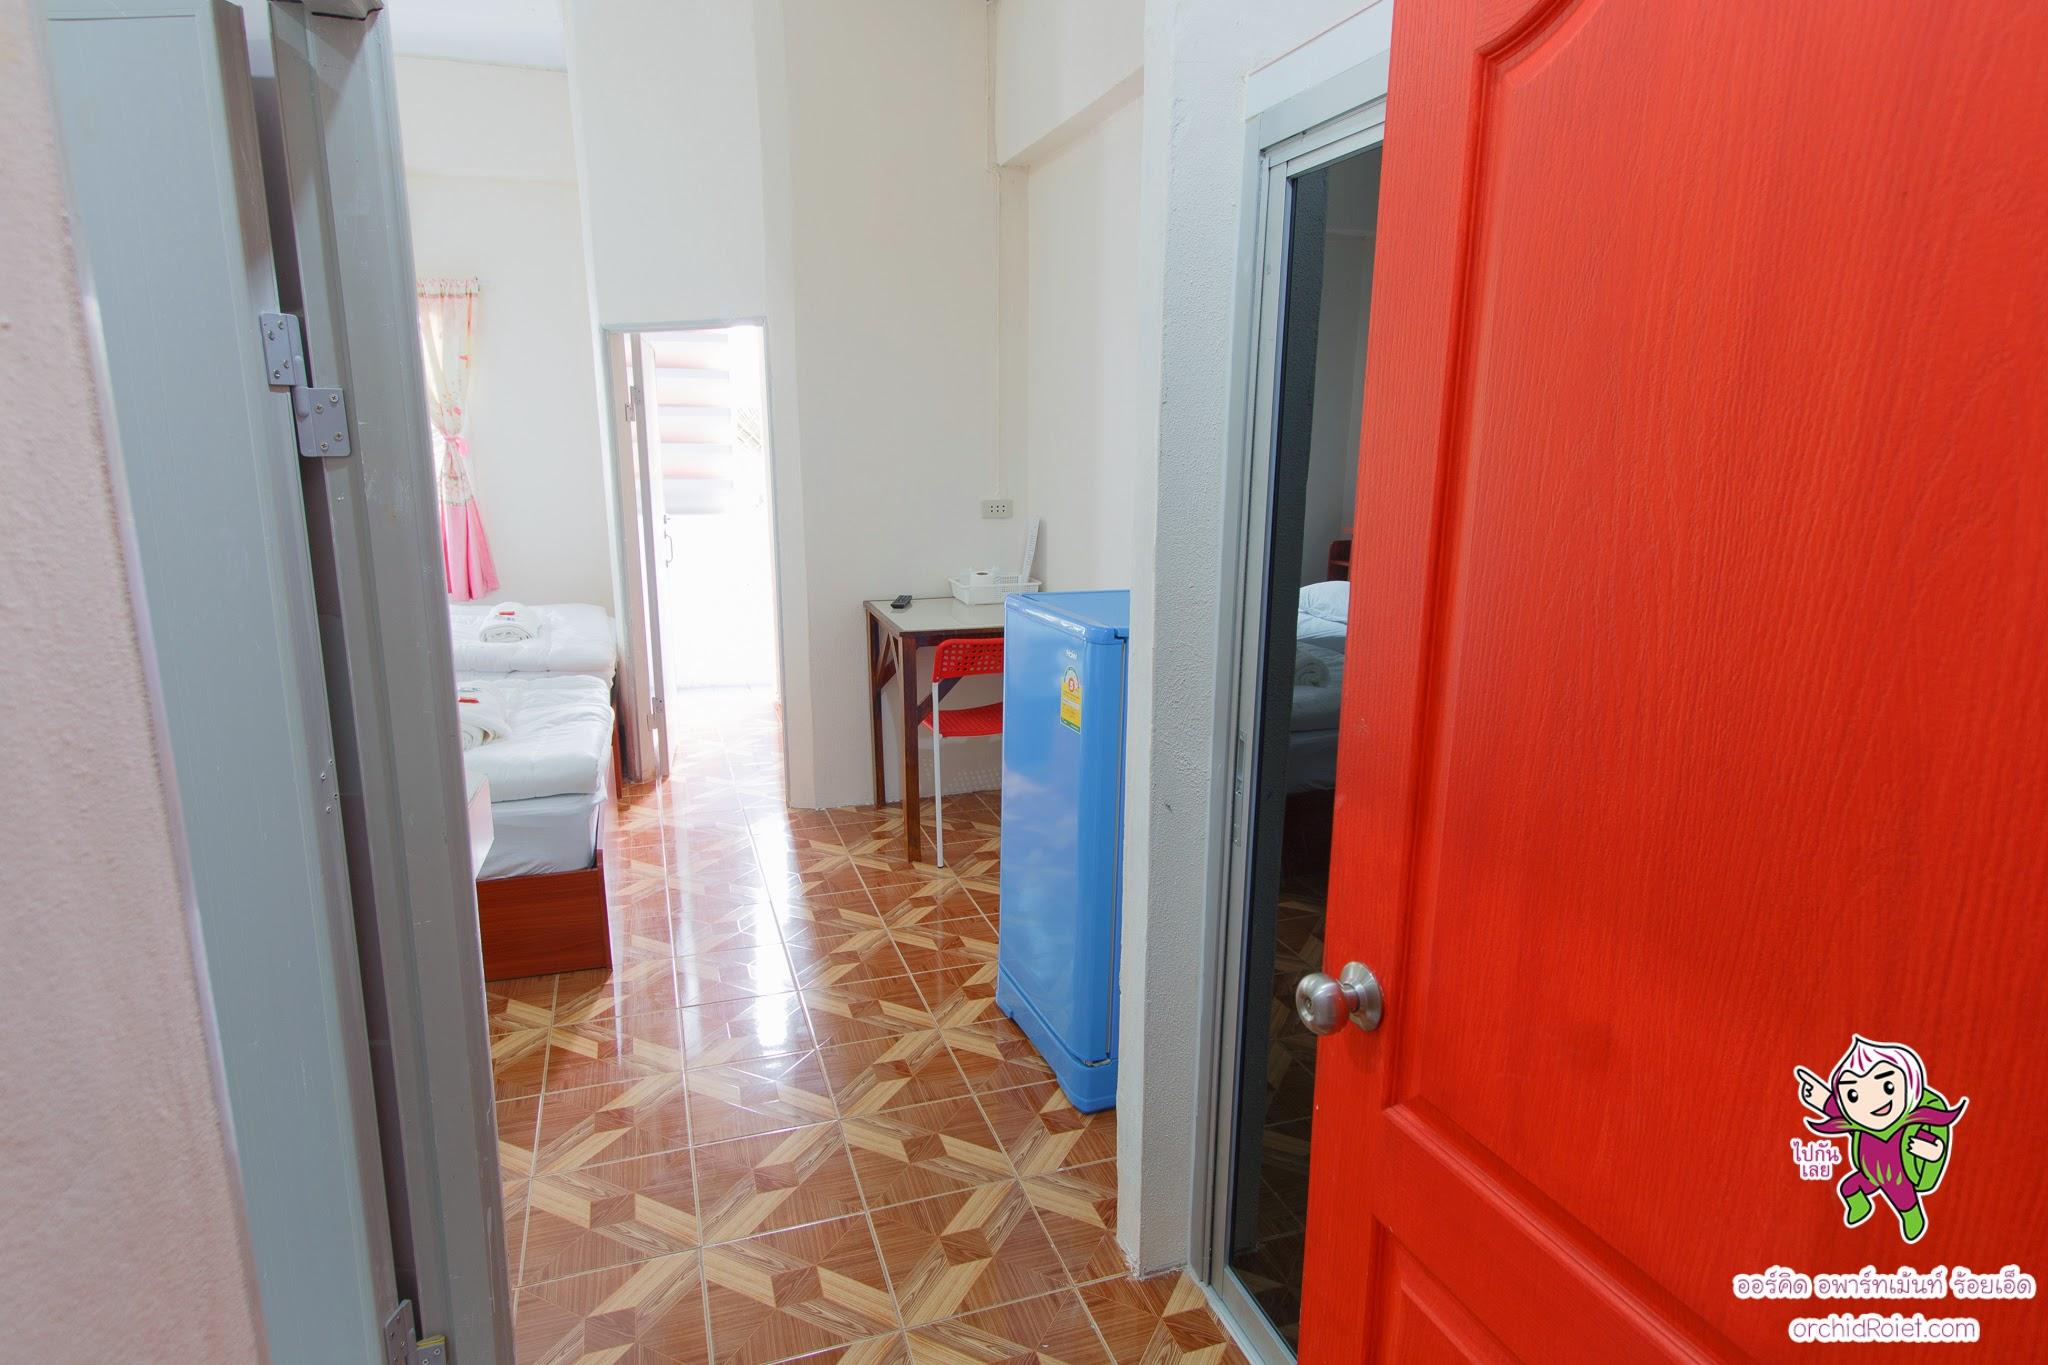 ออร์คิด อพาร์ทเม้นท์ ร้อยเอ็ด ห้องเช่า ห้องพัก ในเมือง ร้อยเอ็ด www.orchidroiet.com